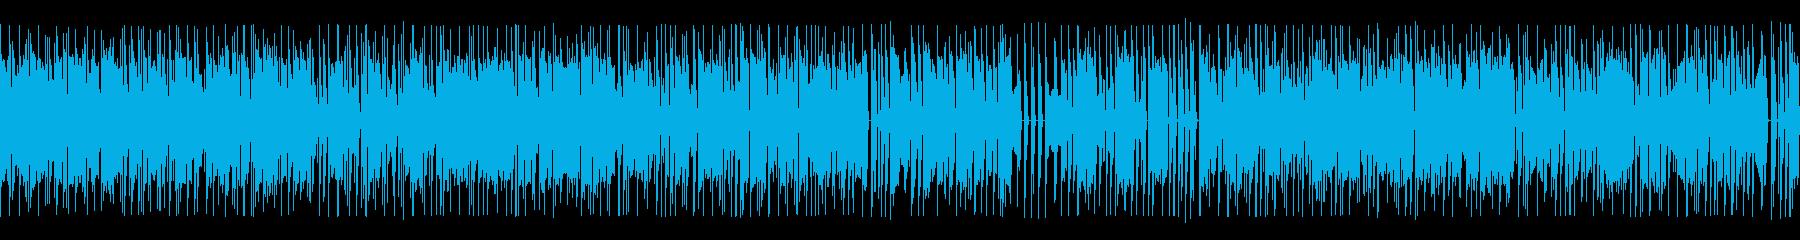 BGM010-03 ボードゲームやパズ…の再生済みの波形